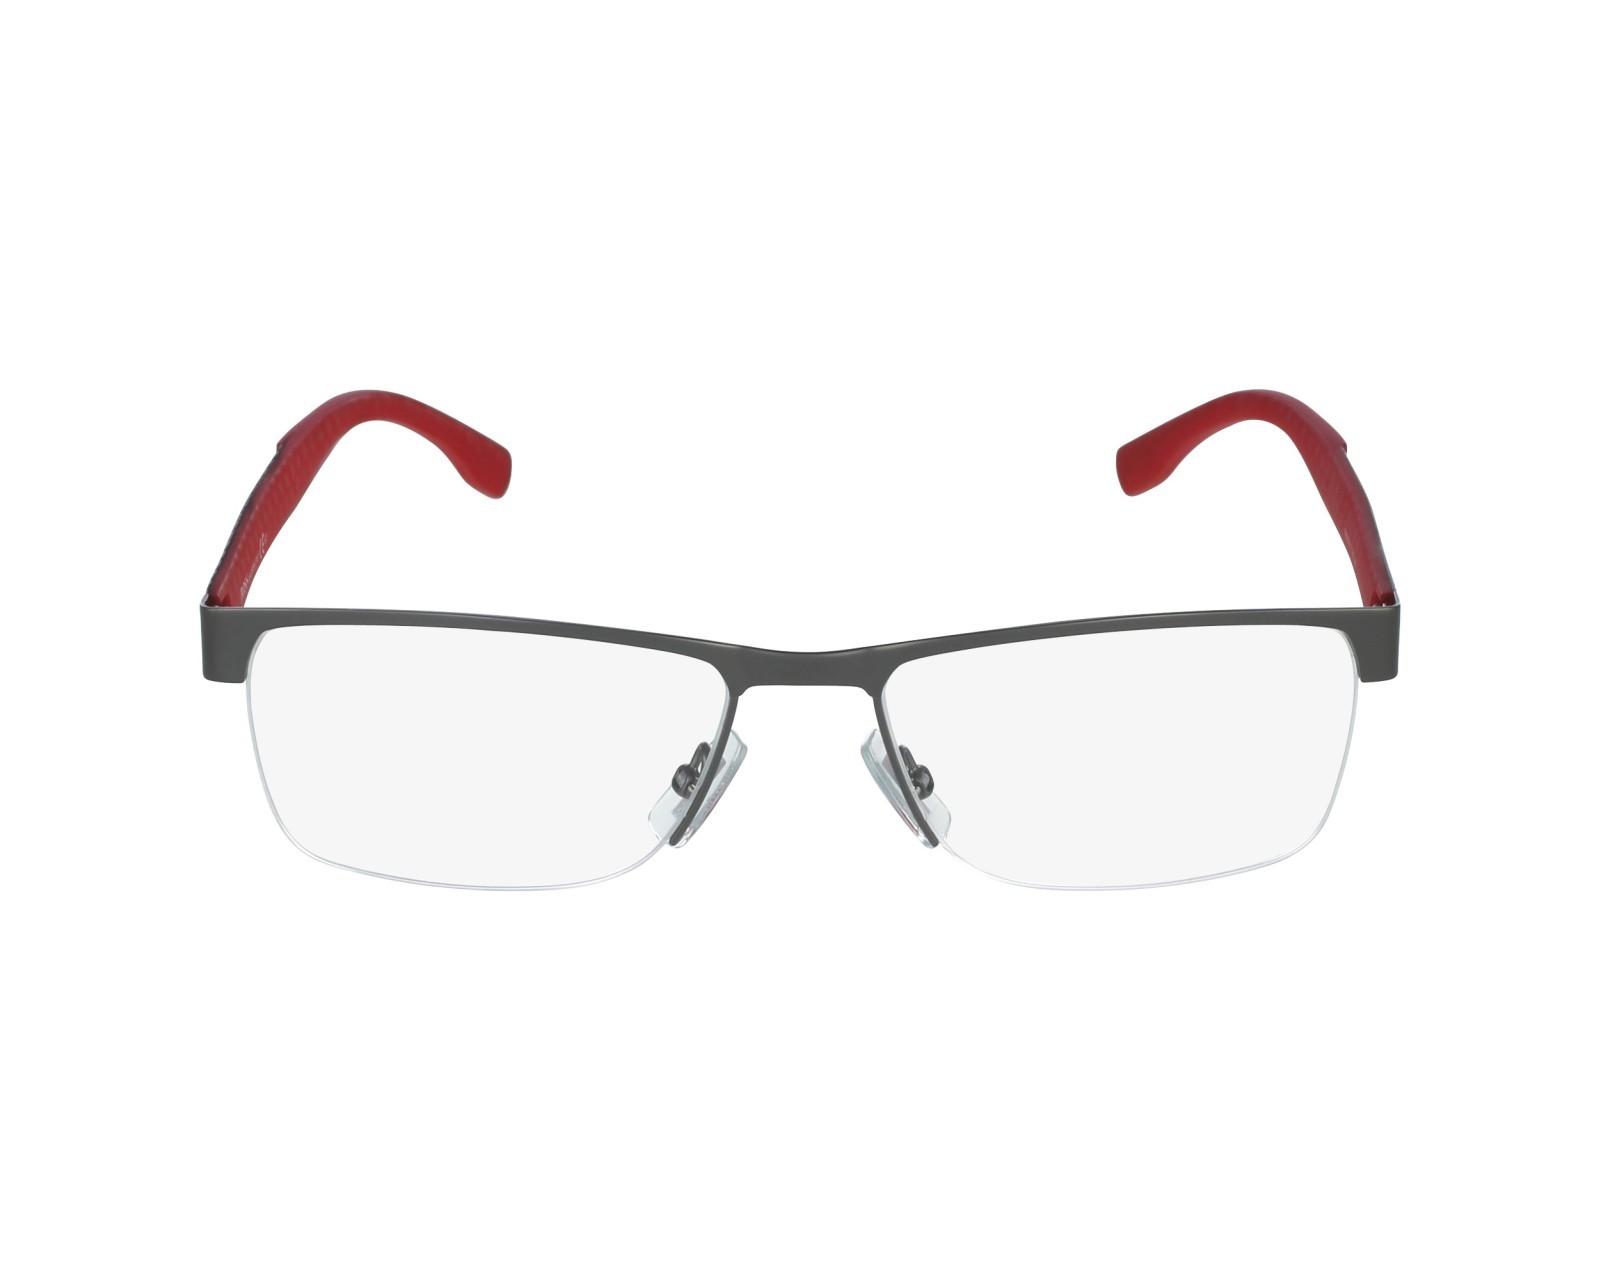 ca090e34da455 Hugo Boss 644 HXR TAM 56 - Oculos de Grau